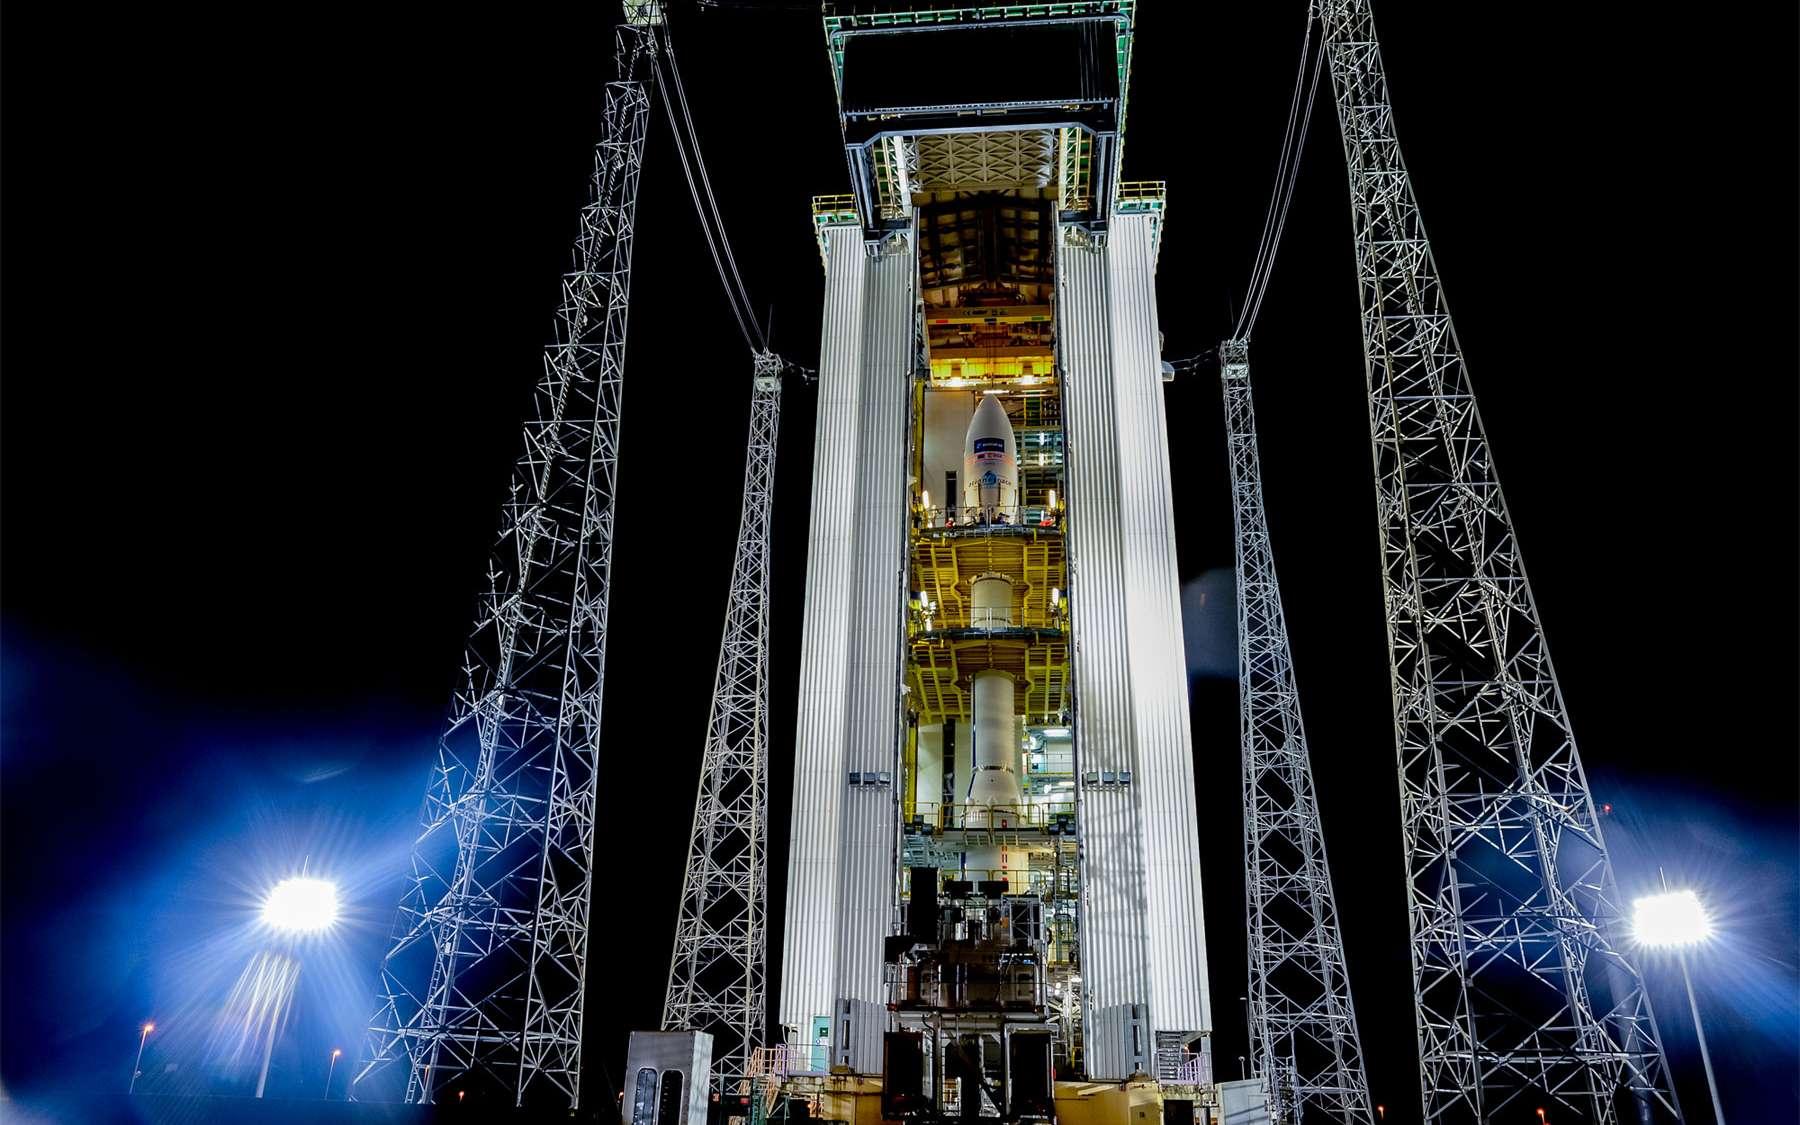 Le lanceur Vega, ici installé sur son pas de tir du Centre spatial guyanais, doit mettre en orbite Sentinel 2A. Ce premier satellite de la famille Sentinel 2 participera au programme européen Copernicus. © Esa, M. Pedoussaut